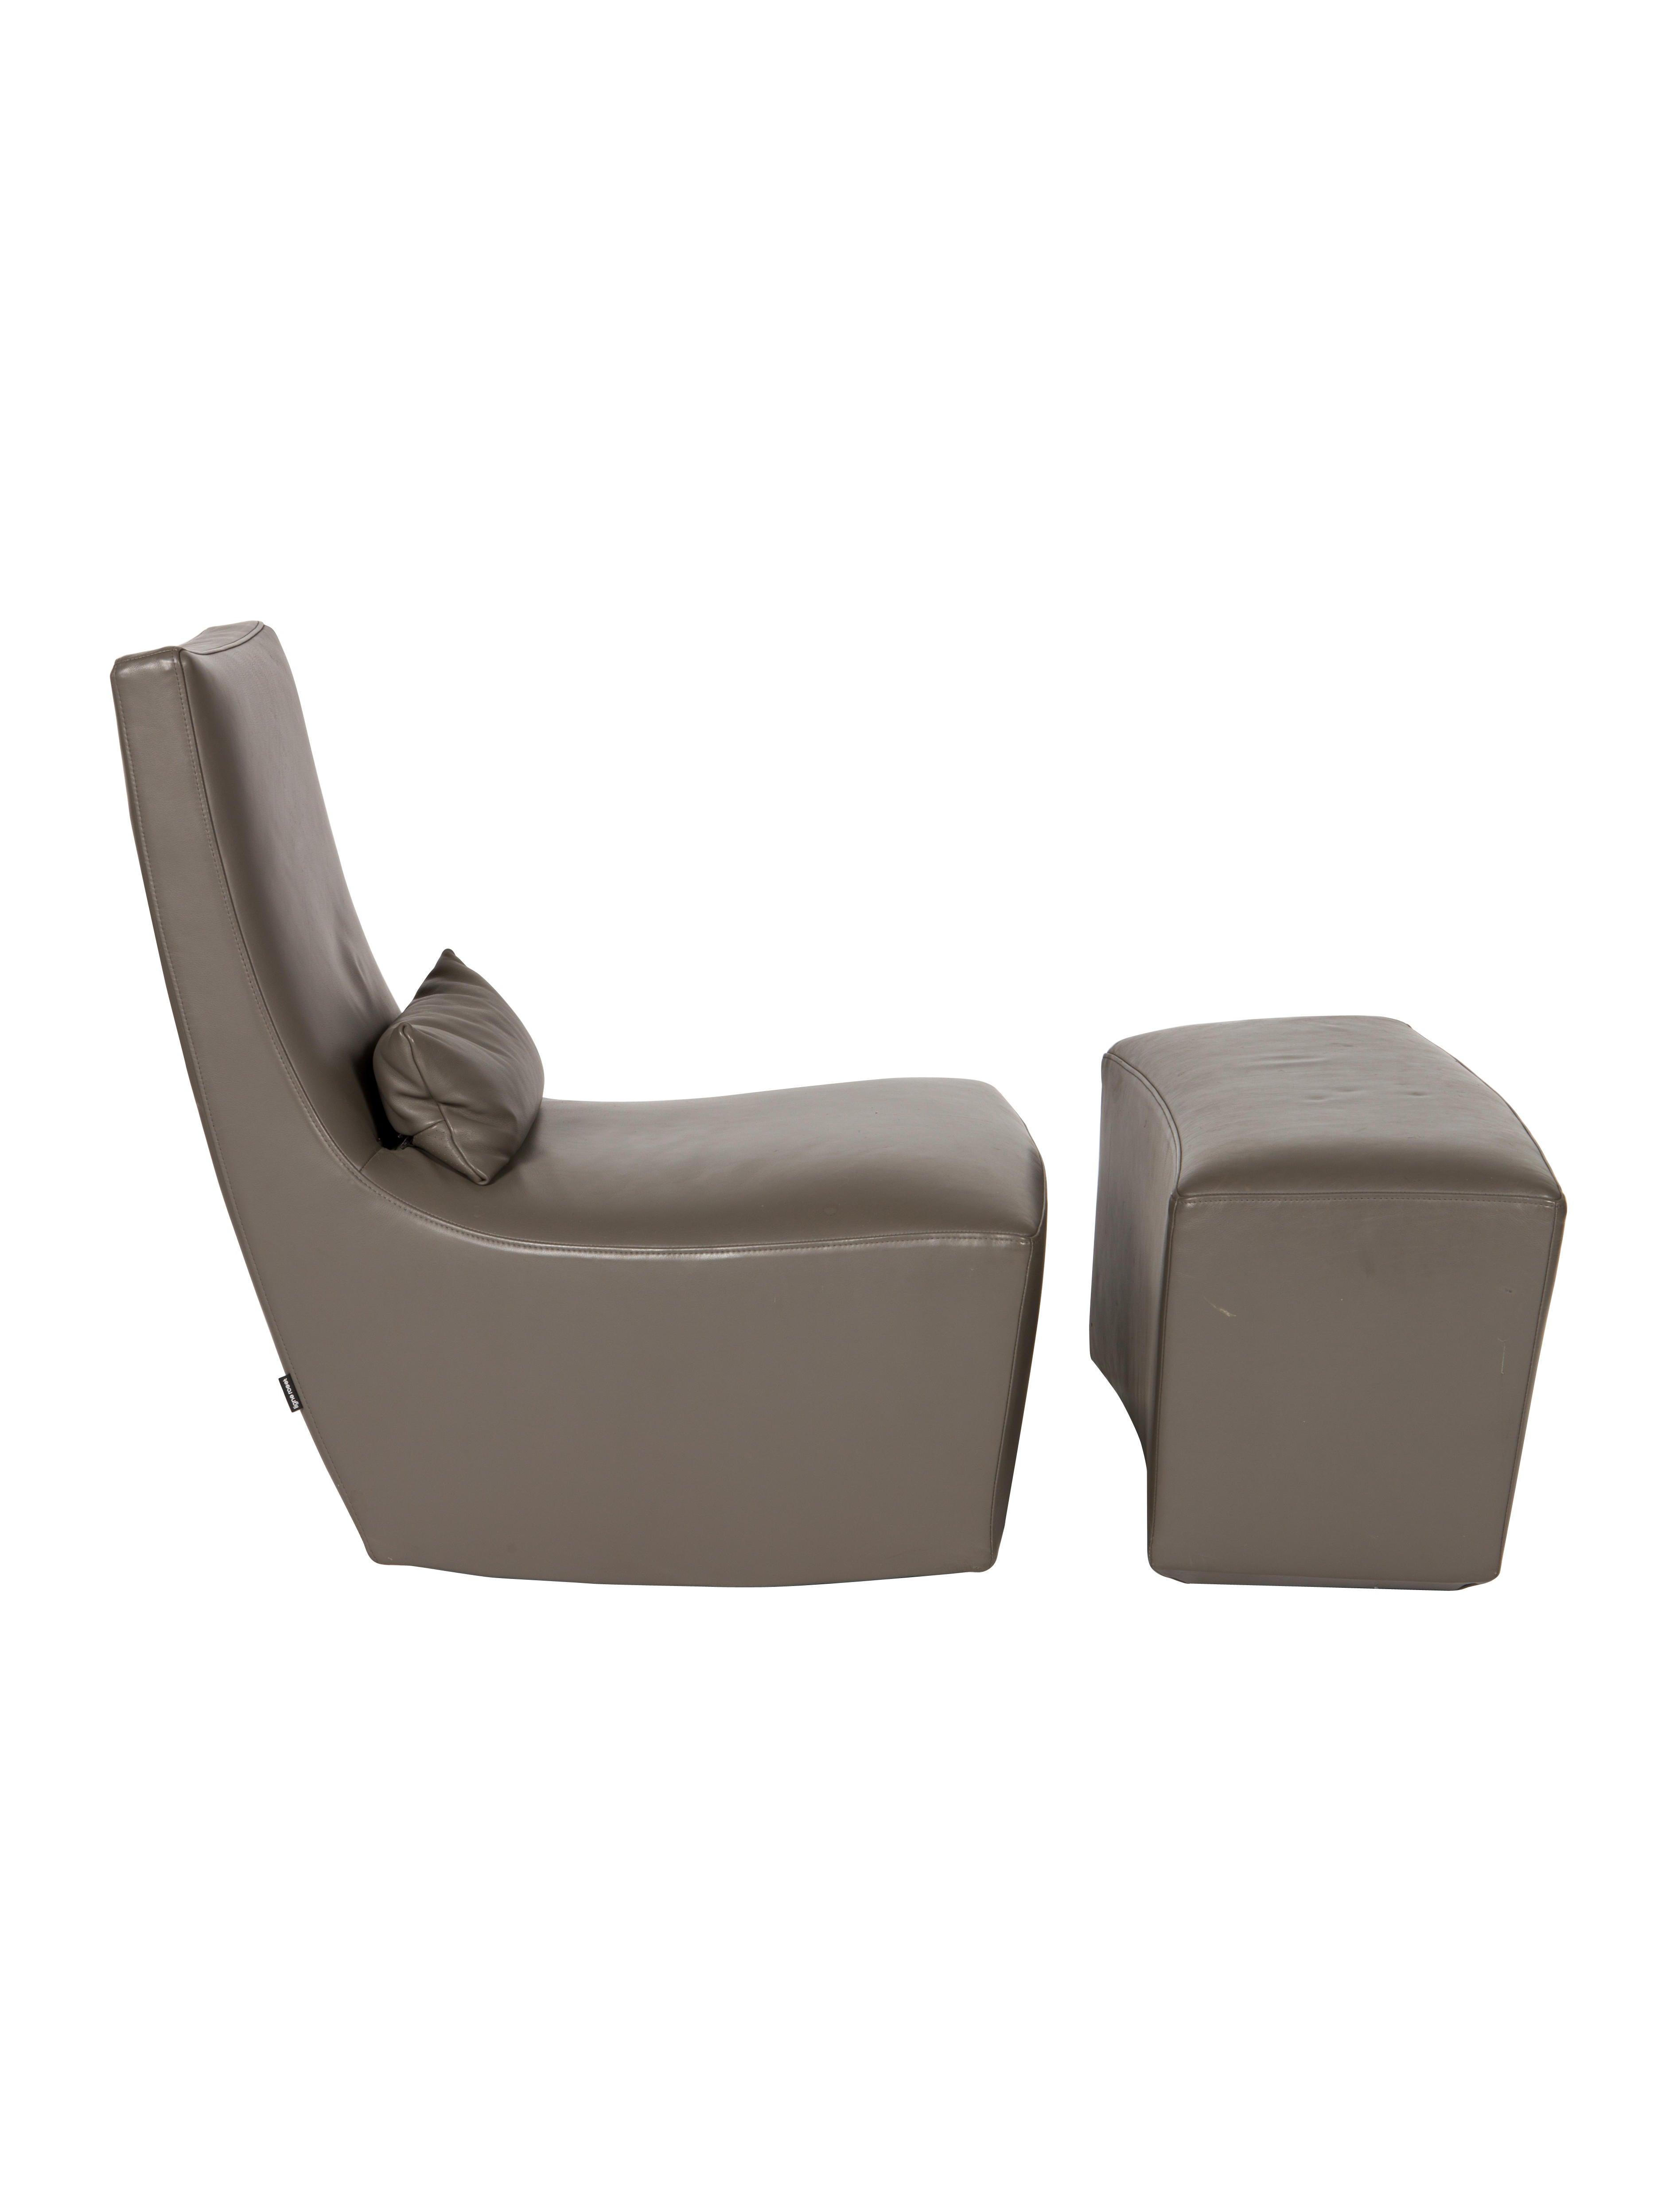 ligne roset fireside neo rocker & ottoman - furniture - rst20006, Wohnzimmer dekoo